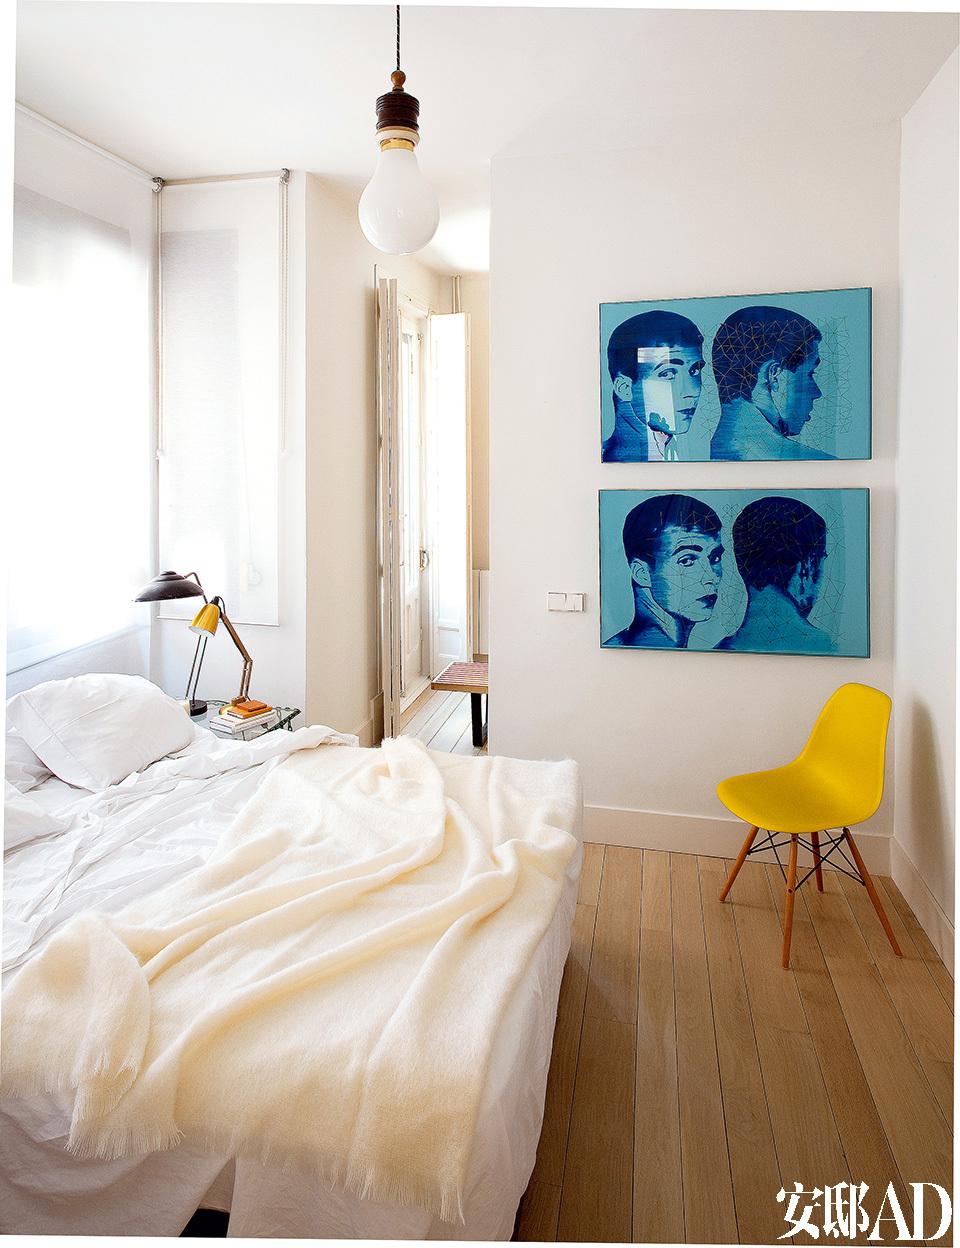 """卧室中挂着Salvador Cidrás的蓝色透明塑料画作""""两次转头""""(Dos Veces Giro),购买于Casado Santapau画廊。Eames夫妇为Vitra设计的DSW椅立在墙角,床罩和马海毛被购于Matarranz,床头桌上放置着Amapola的镀金 可弯曲台灯,""""电灯泡""""(Bombilla)吊灯来自El Rastro。"""